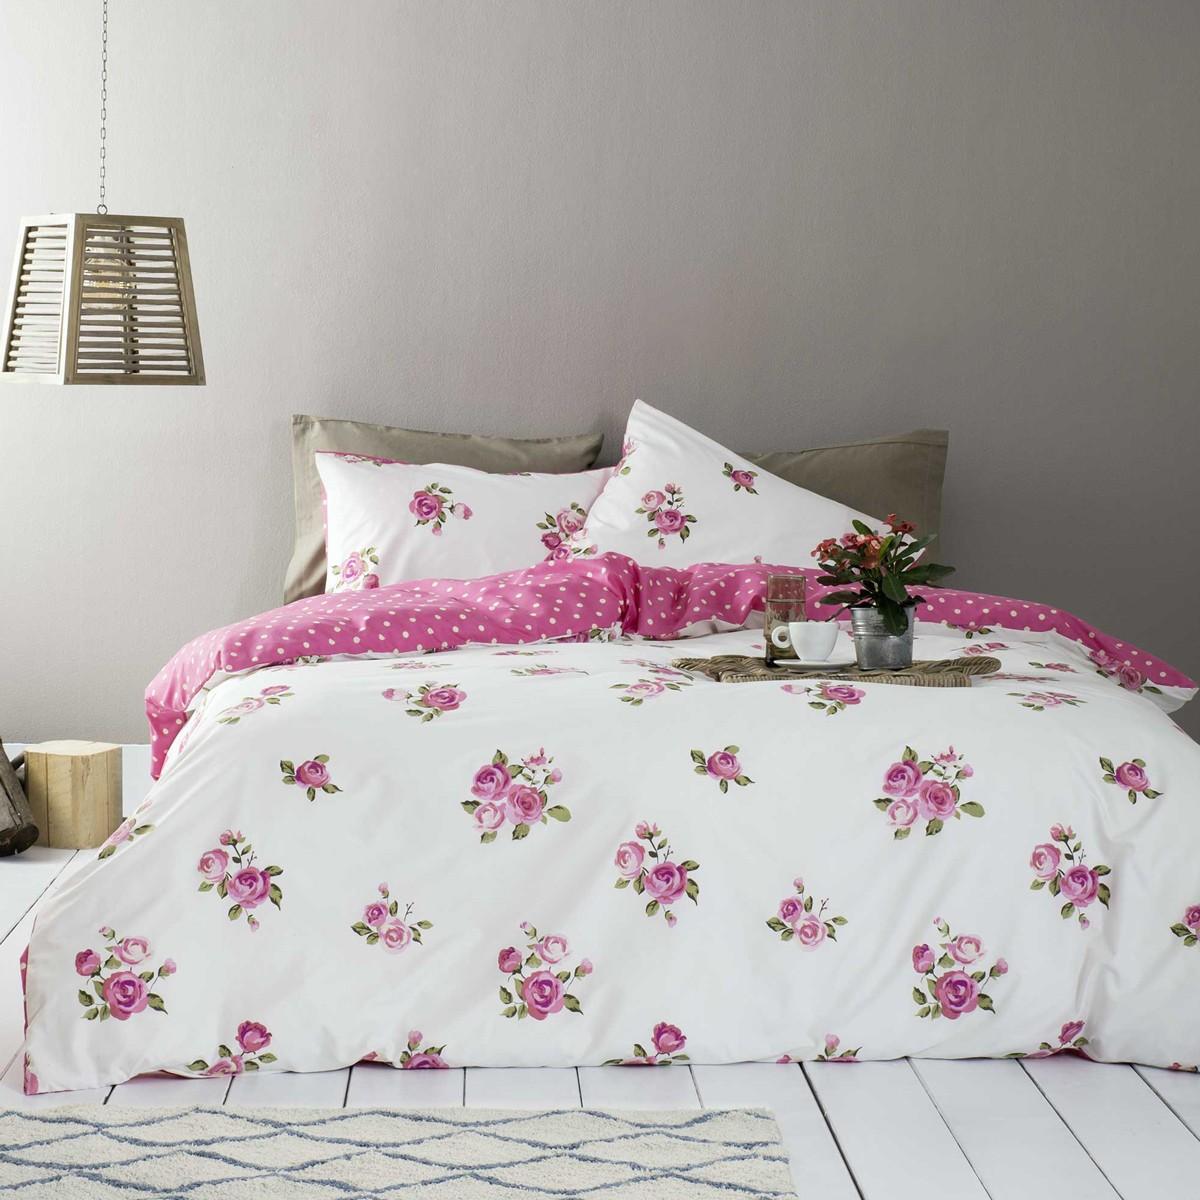 Παπλωματοθήκη Υπέρδιπλη (Σετ) Nima Bed Linen Old Garden